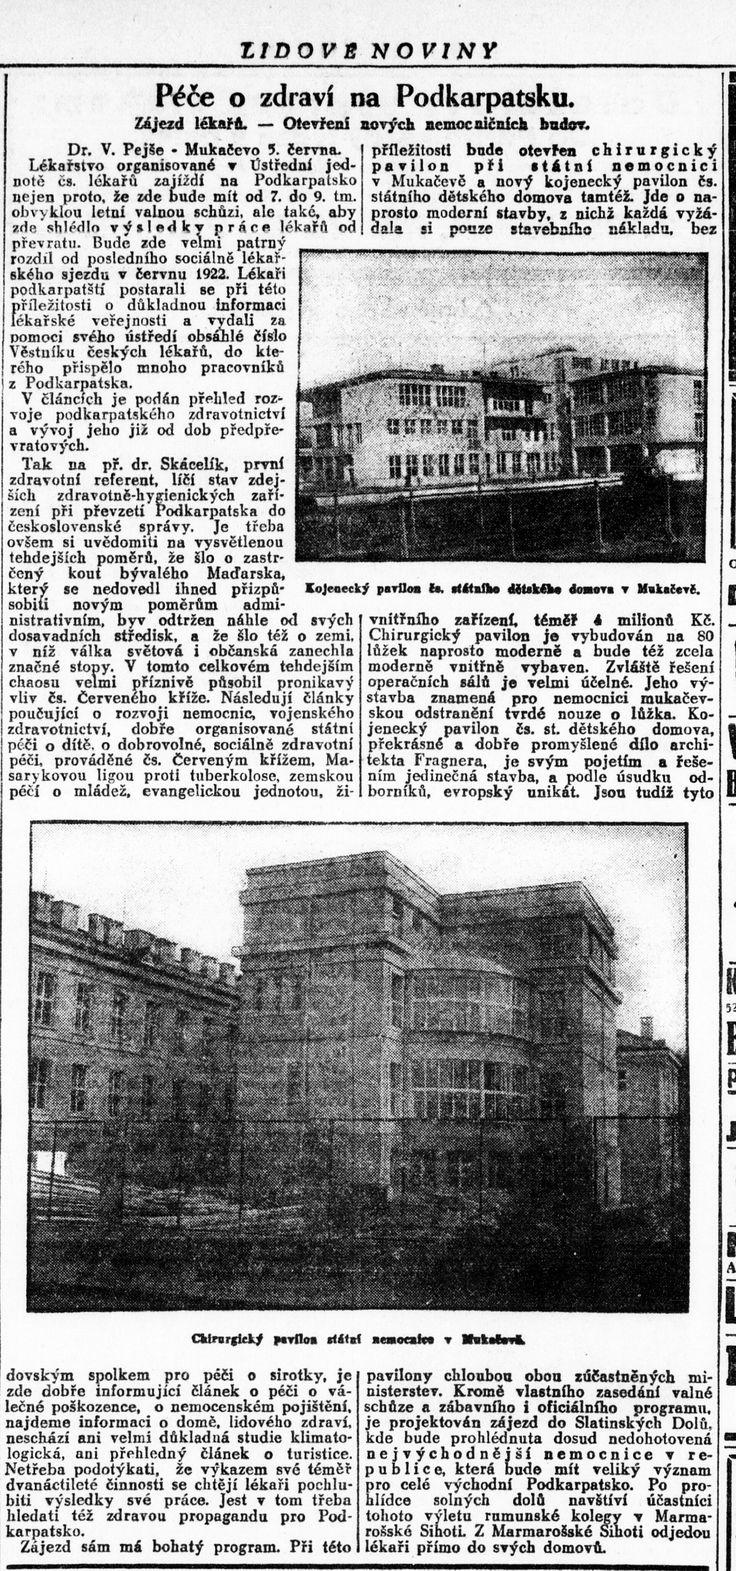 Lidové noviny, 7.6.1930, s. 4